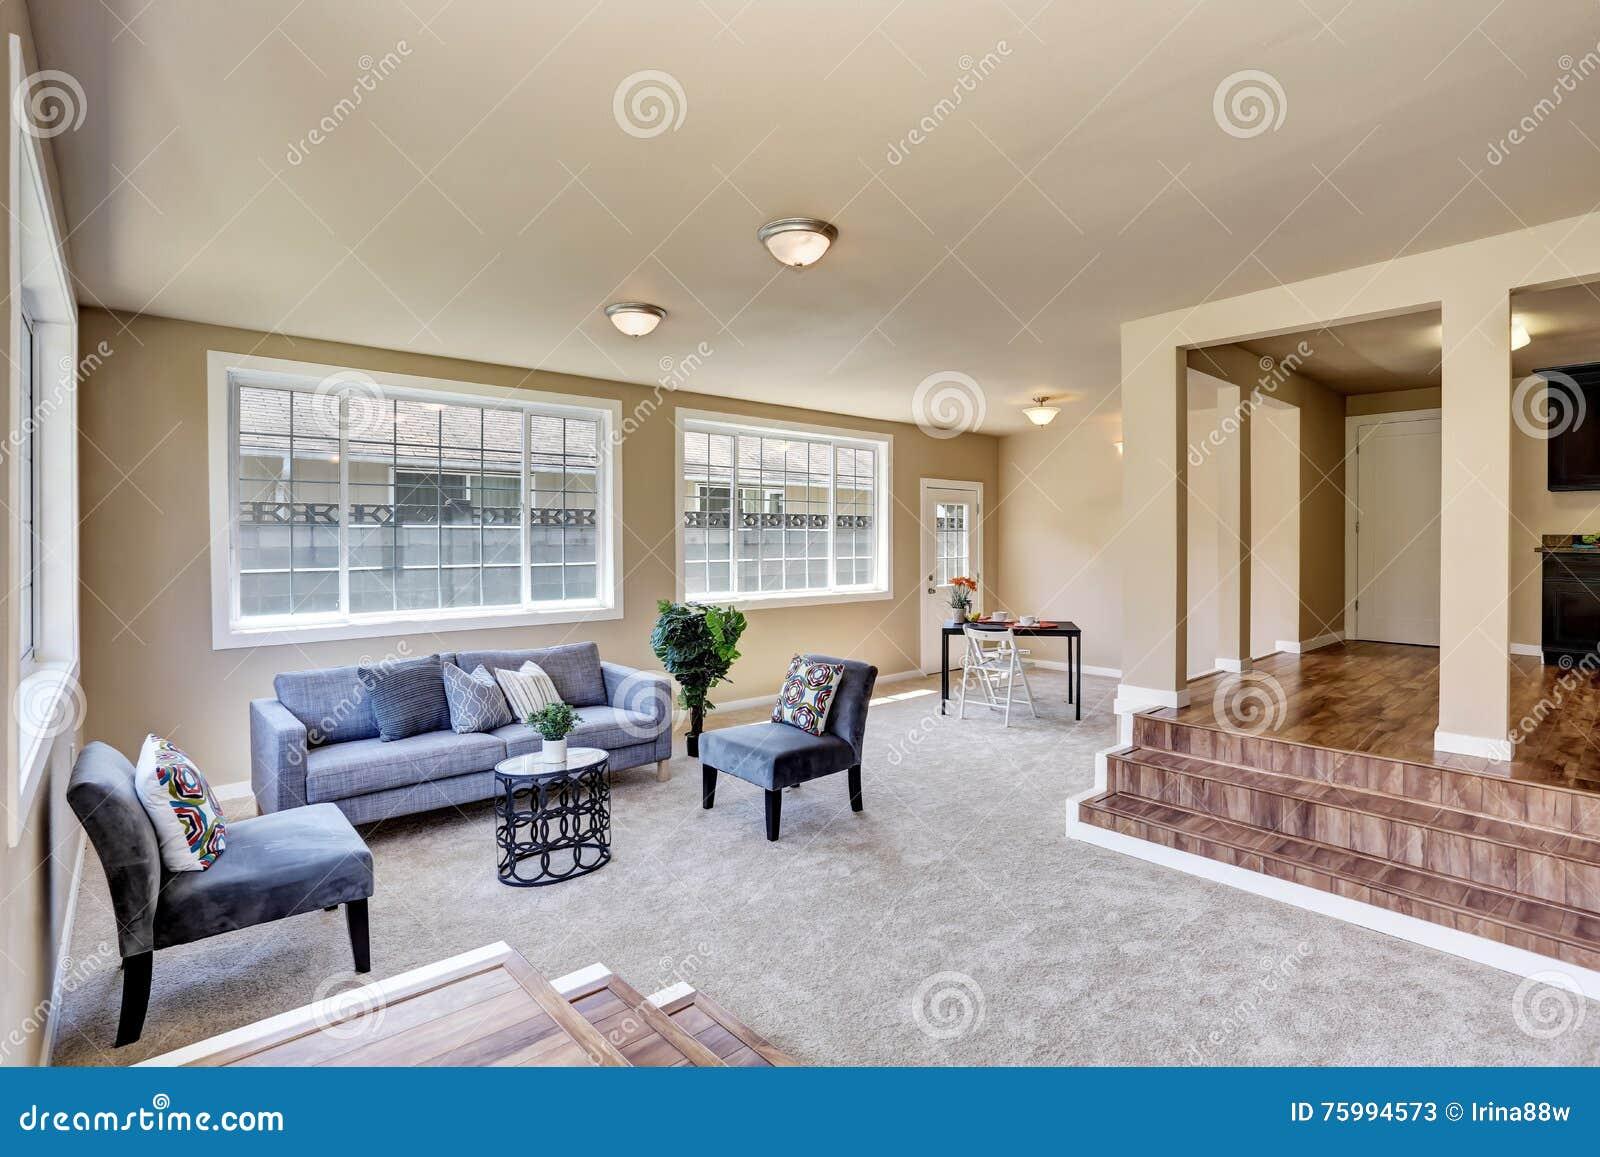 Inspiratie keuken decoratie - Eigentijdse woonkamer decoratie ...